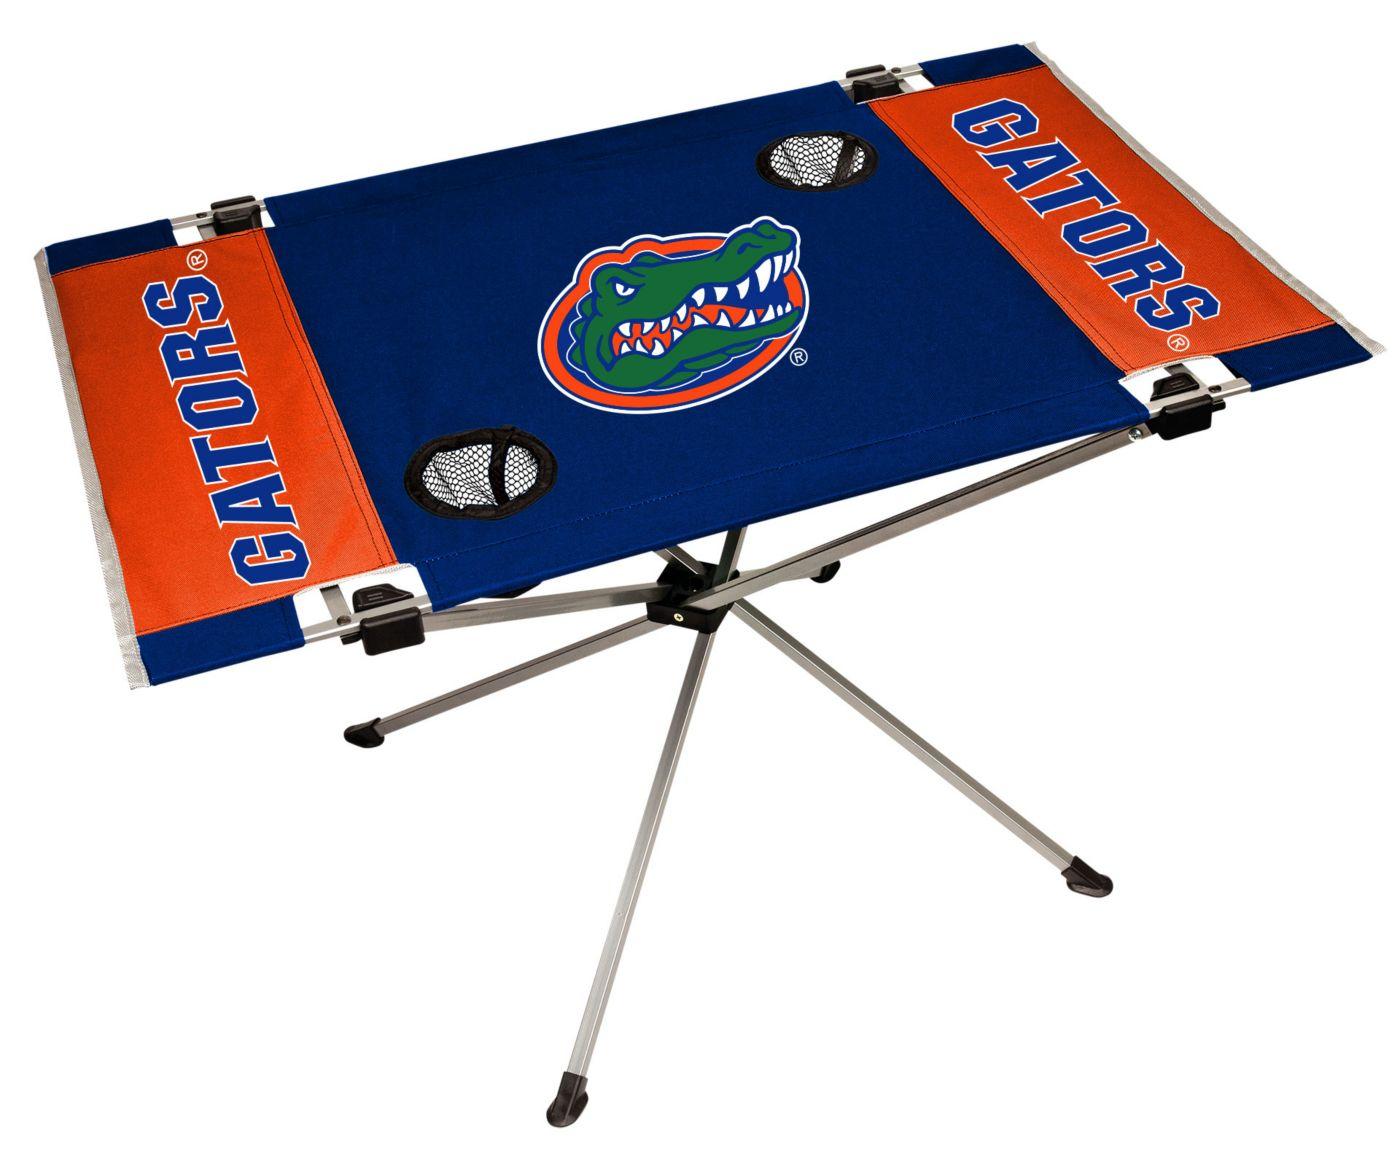 Rawlings Florida Gators Endzone Table